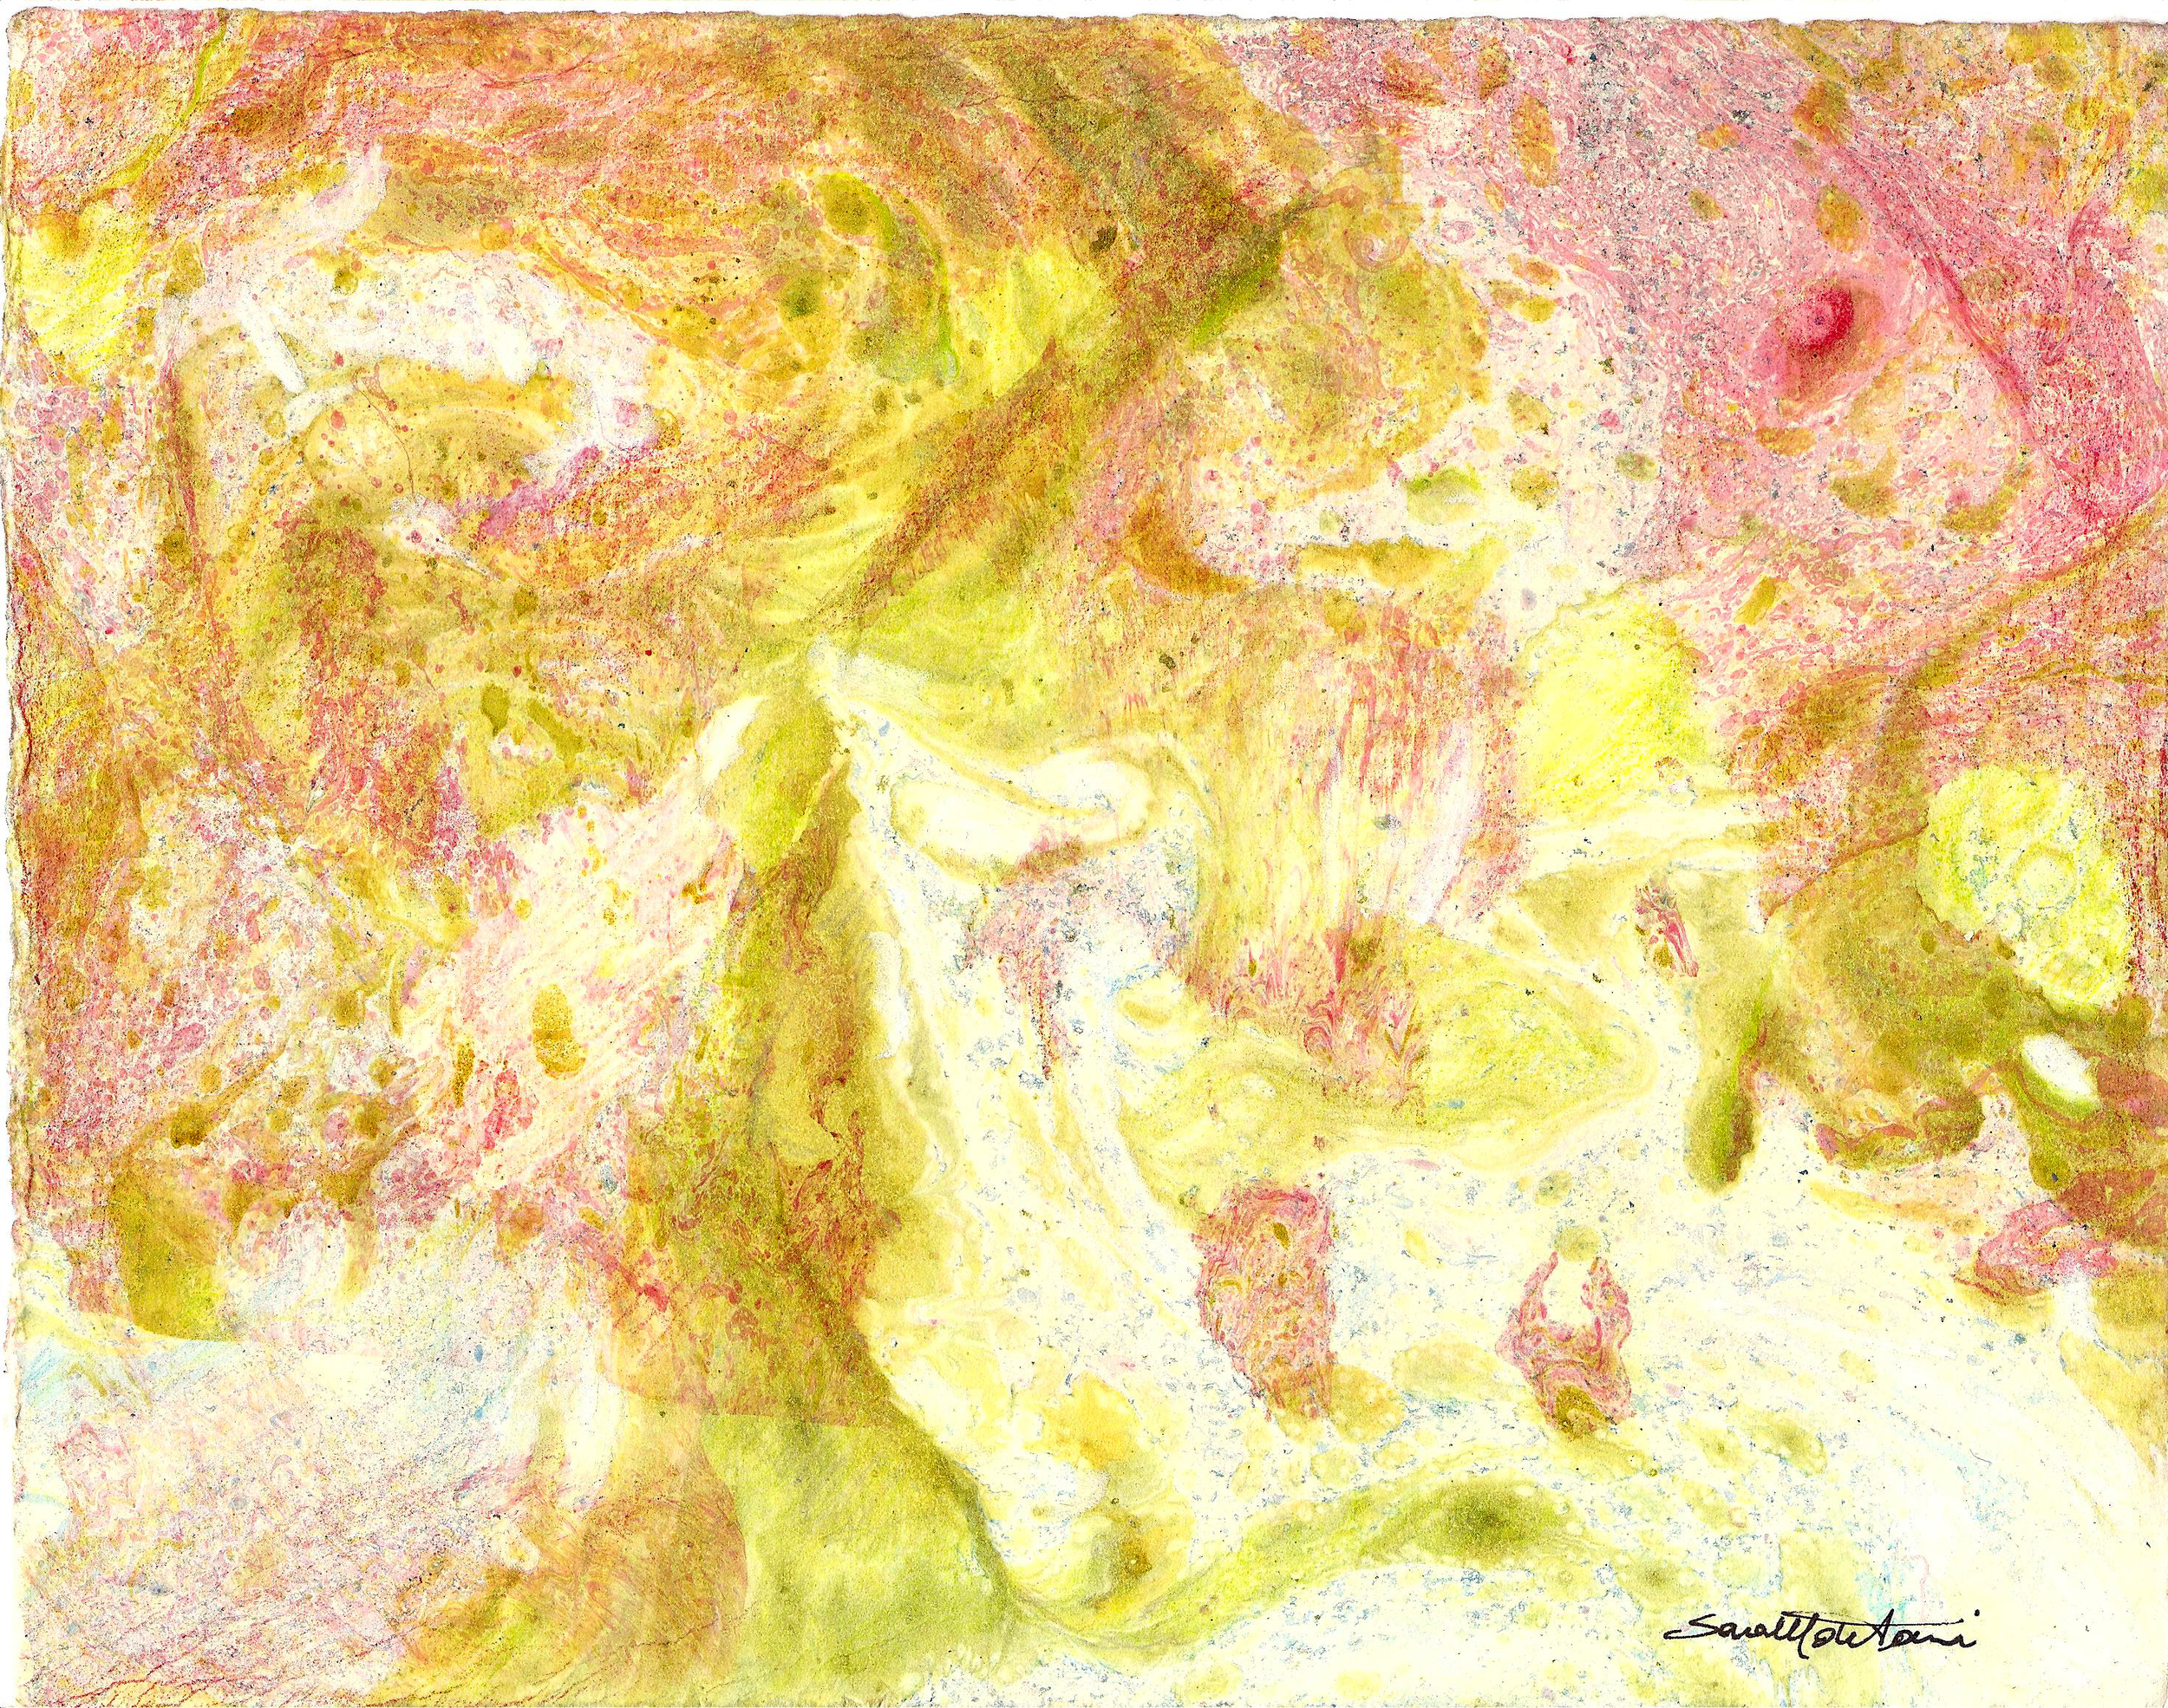 3bis colori a oli marmorizzazione.jpg